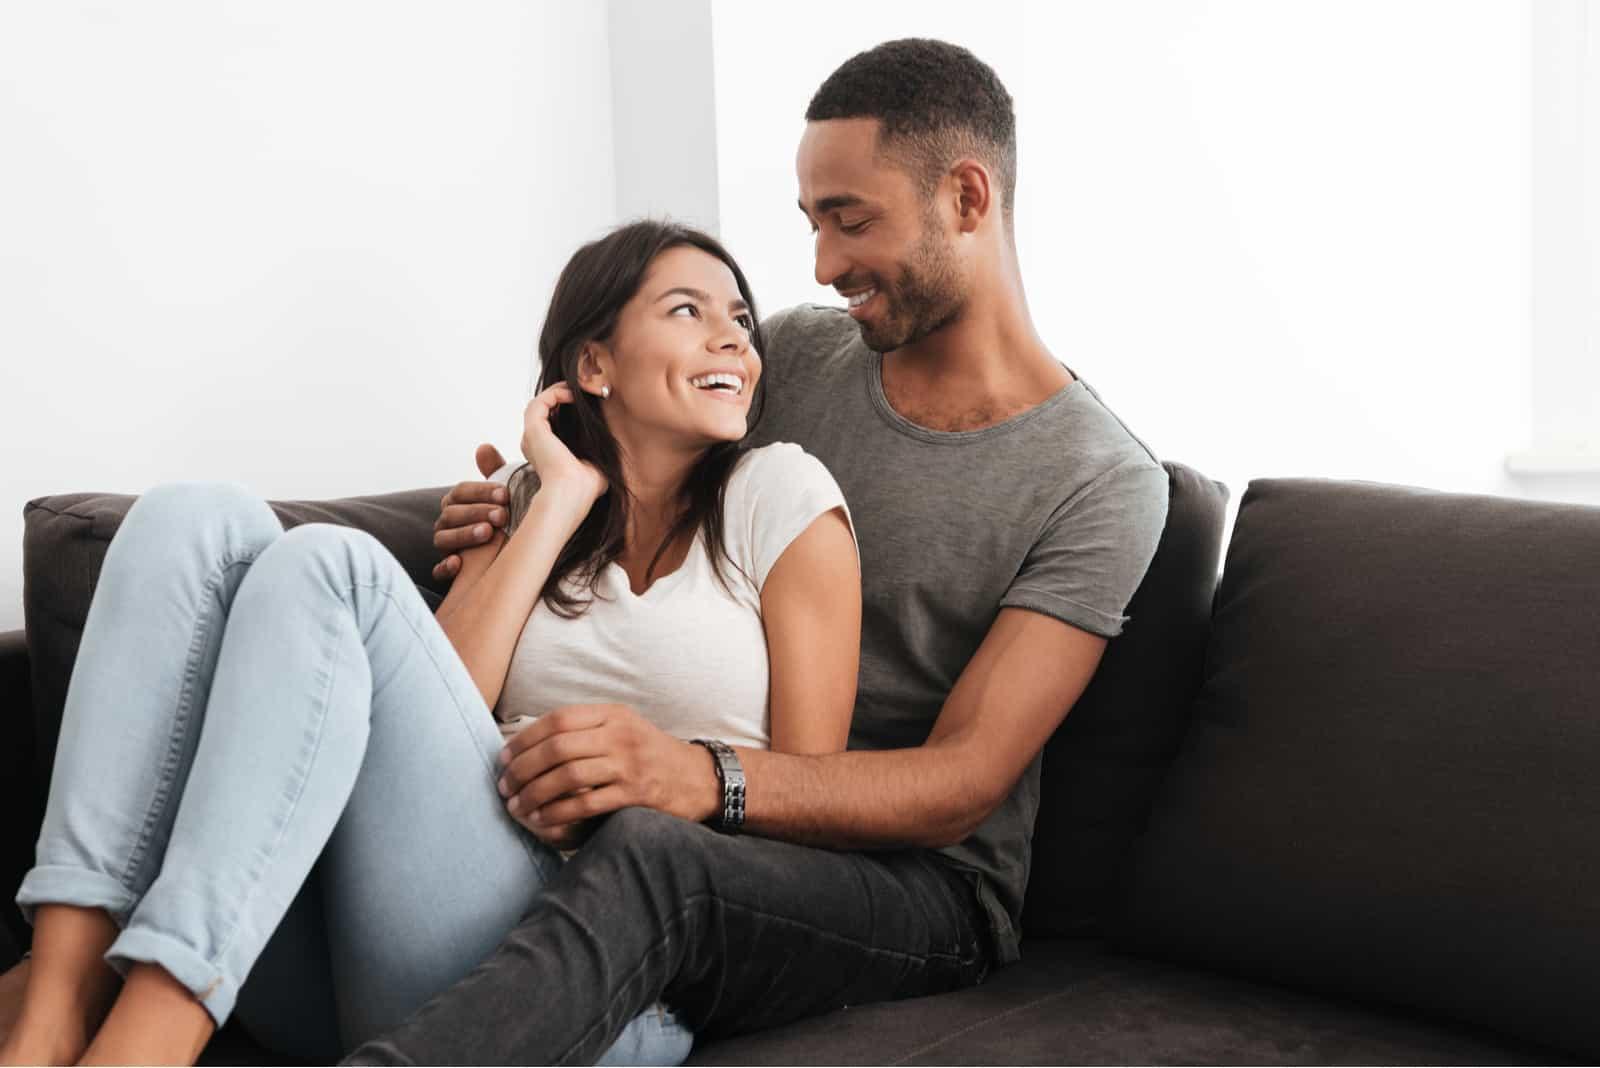 Das glückliche Paar sitzt auf dem Sofa und umarmt sich